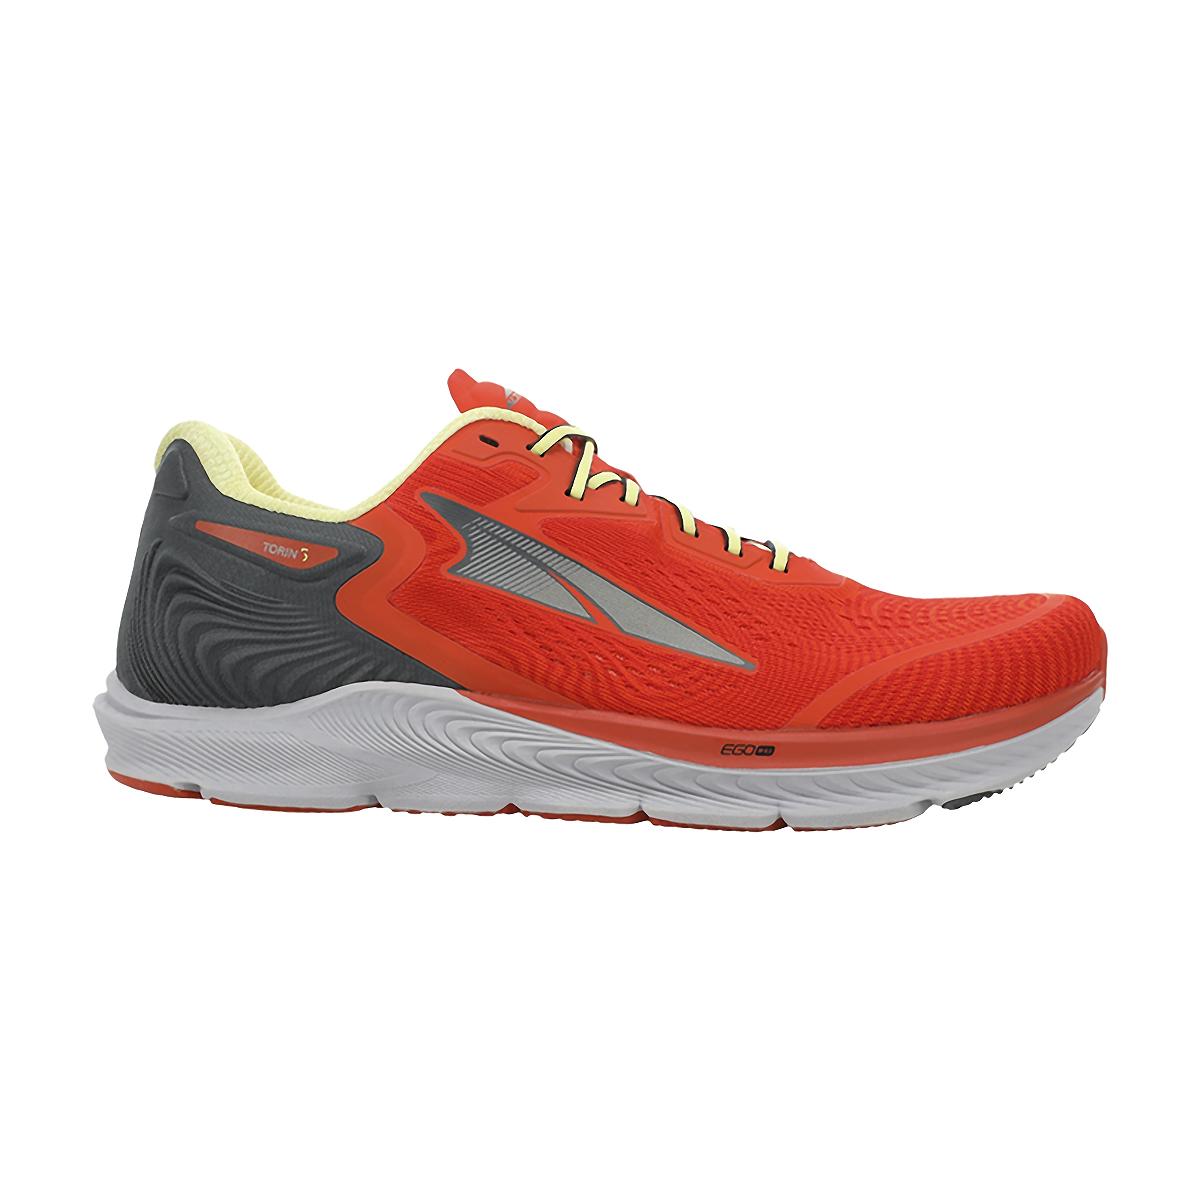 Men's Altra Torin 5 Running Shoe - Color: Orange - Size: 8 - Width: Regular, Orange, large, image 1